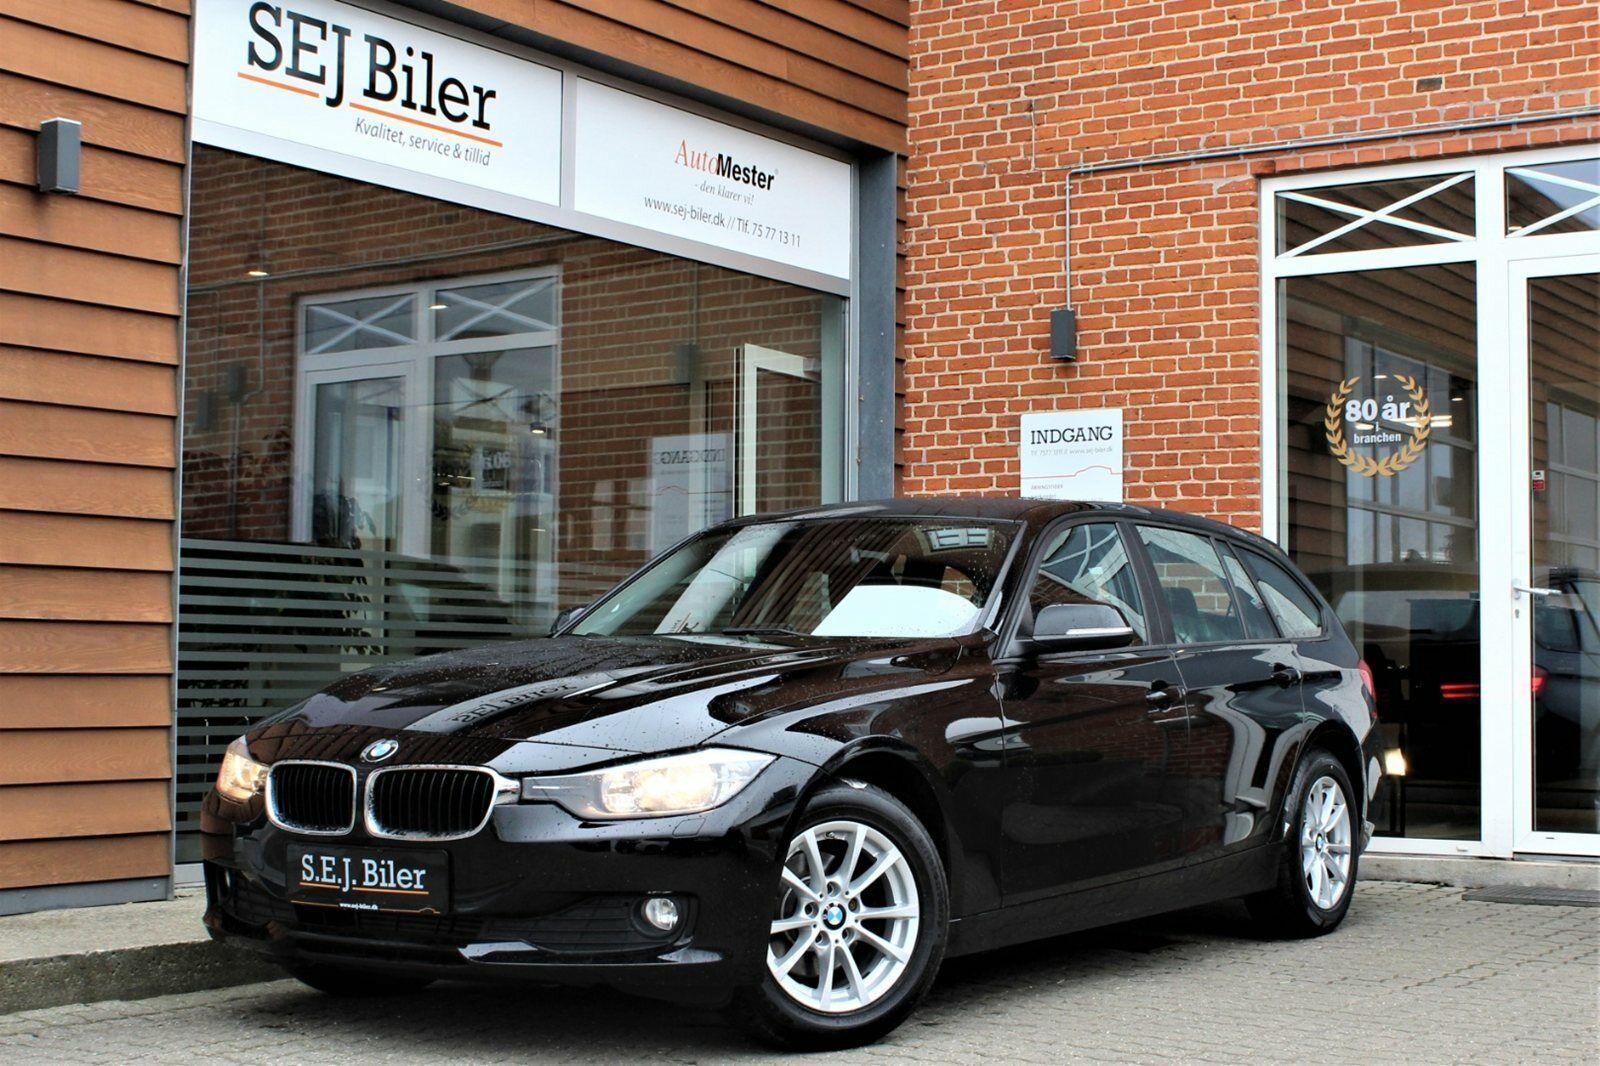 d165c721 BMW 318d Anmeldelser - Se vurderingen på Bilbasen